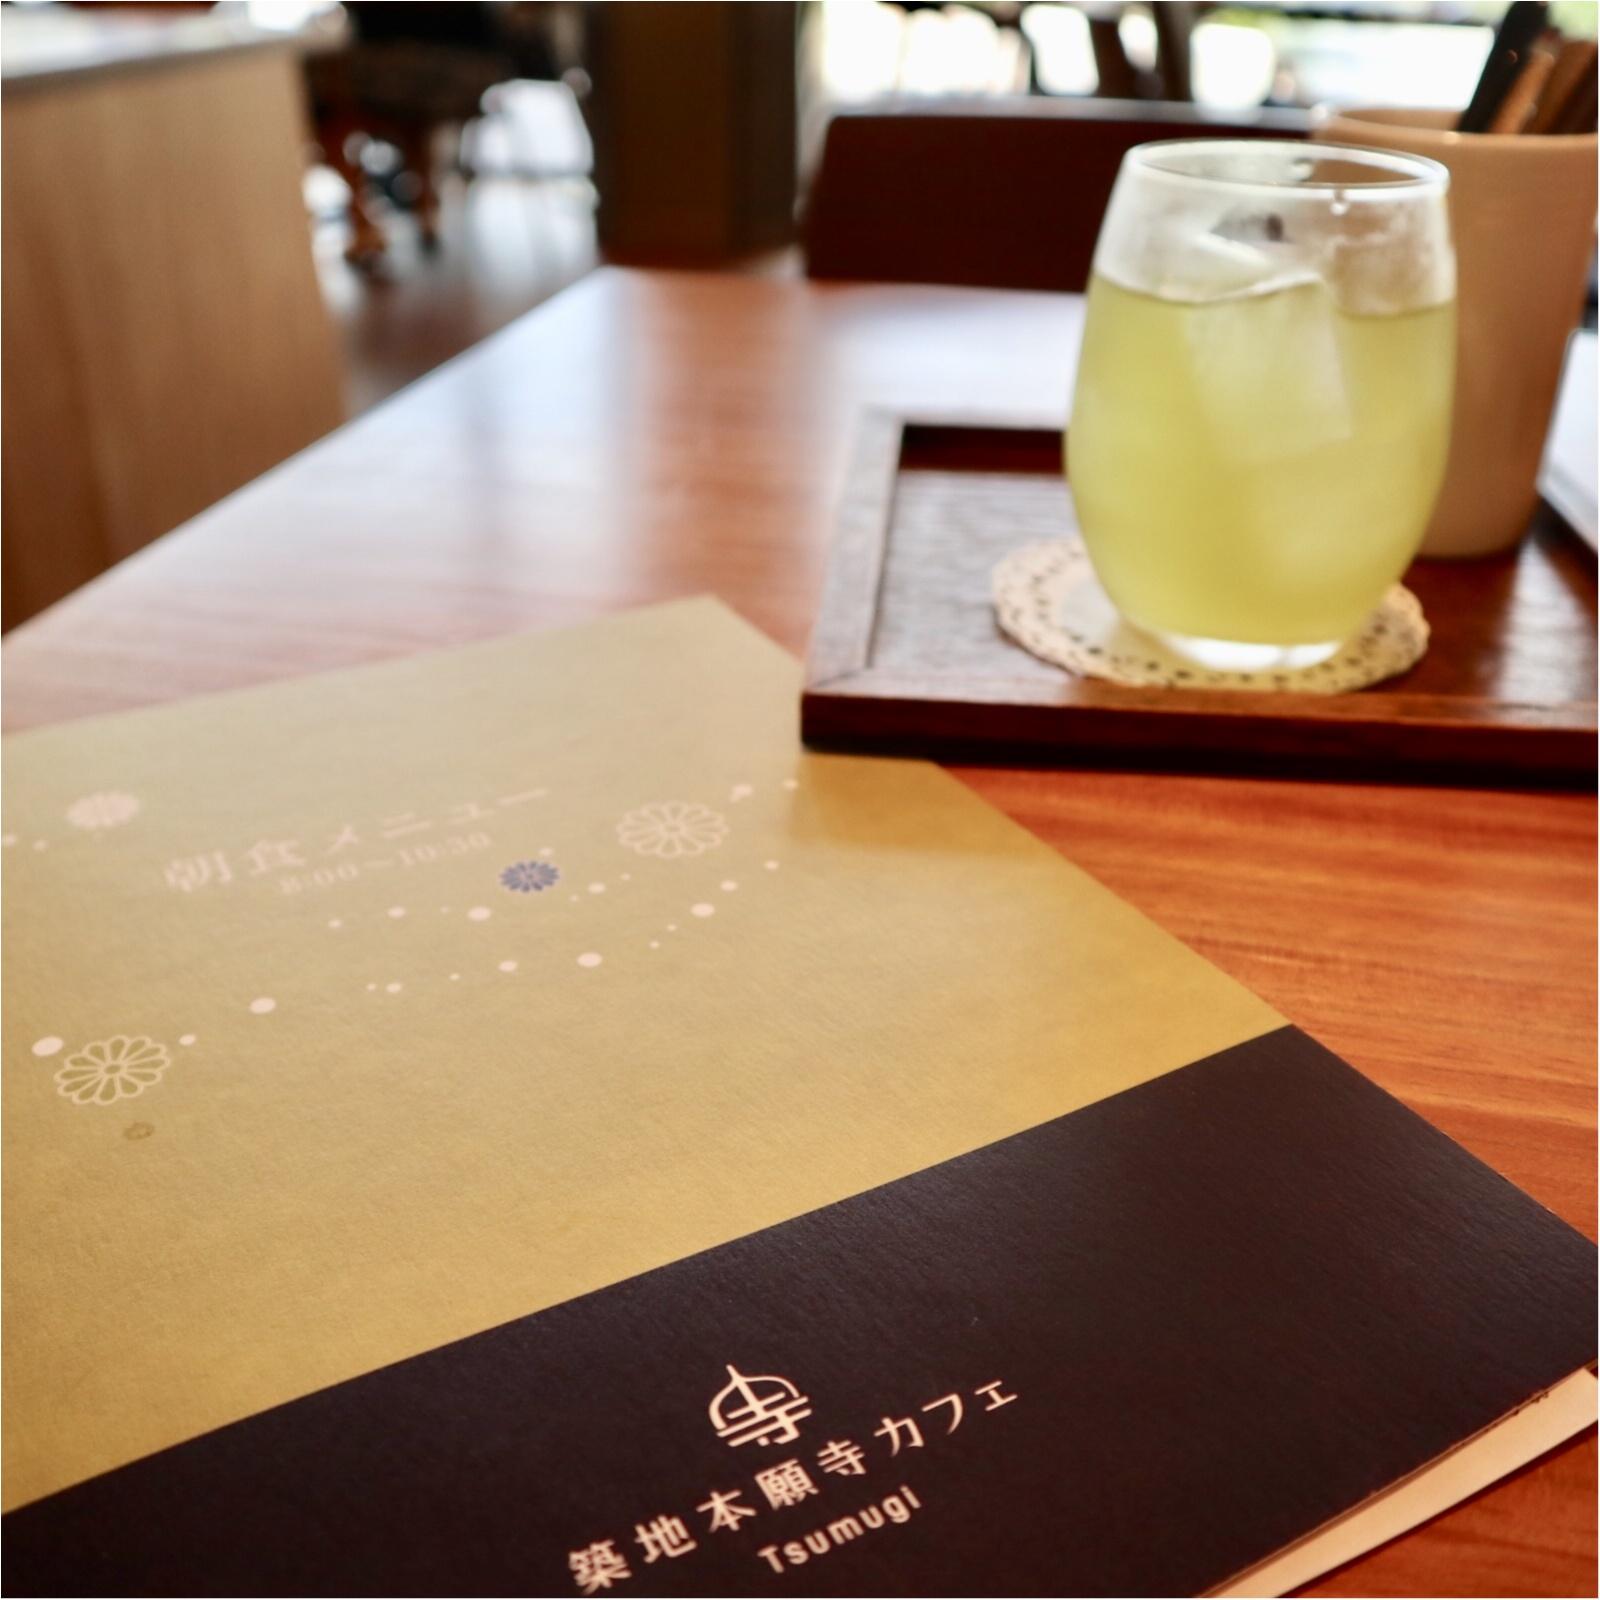 1日のスタートに!《築地本願寺カフェTsumugi》でいただく18品目の朝ごはん♡_6